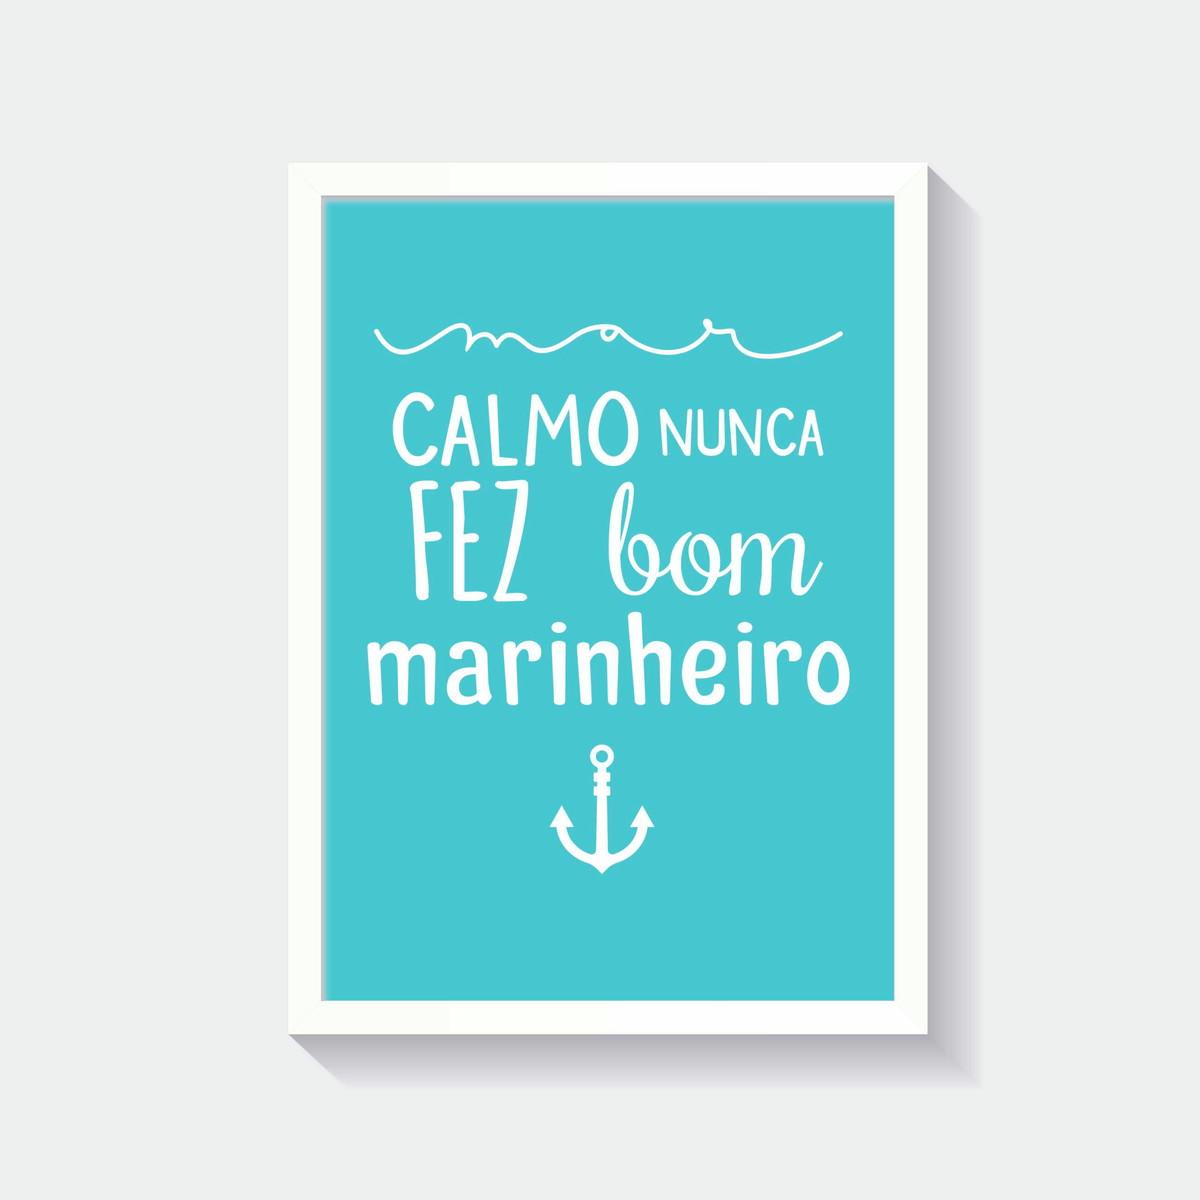 Quadro Mar Calmo Nunca Fez Bom Marinheiro No Elo7 Pequenos Guris